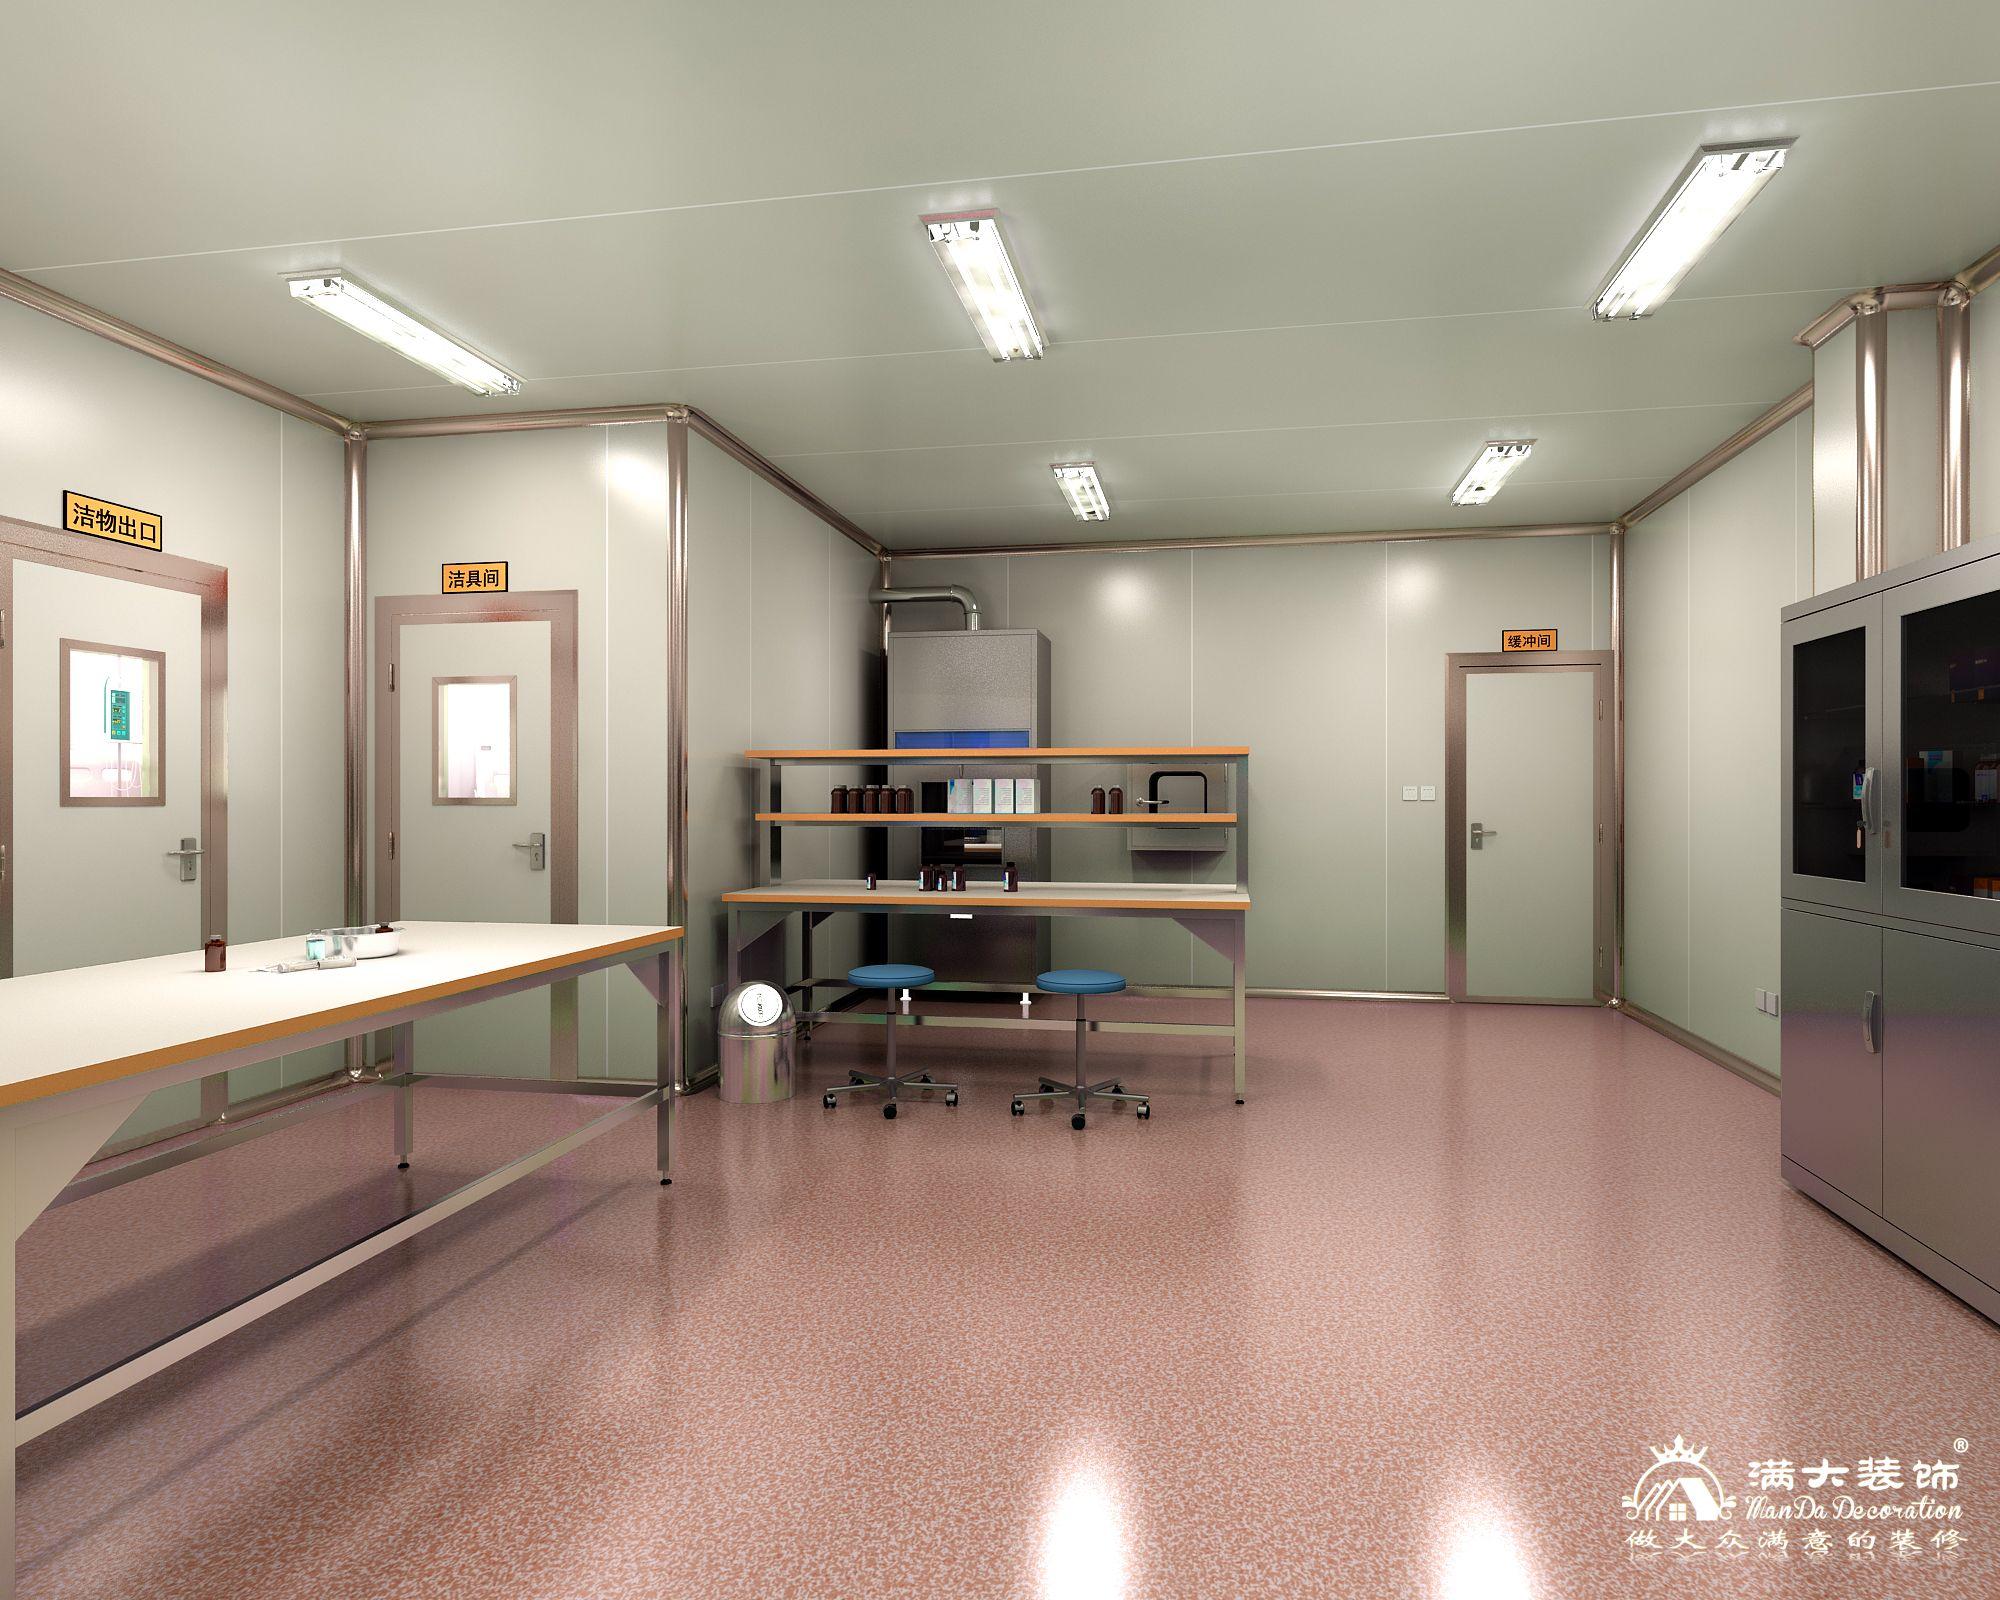 消毒供应中心装修的注意事项